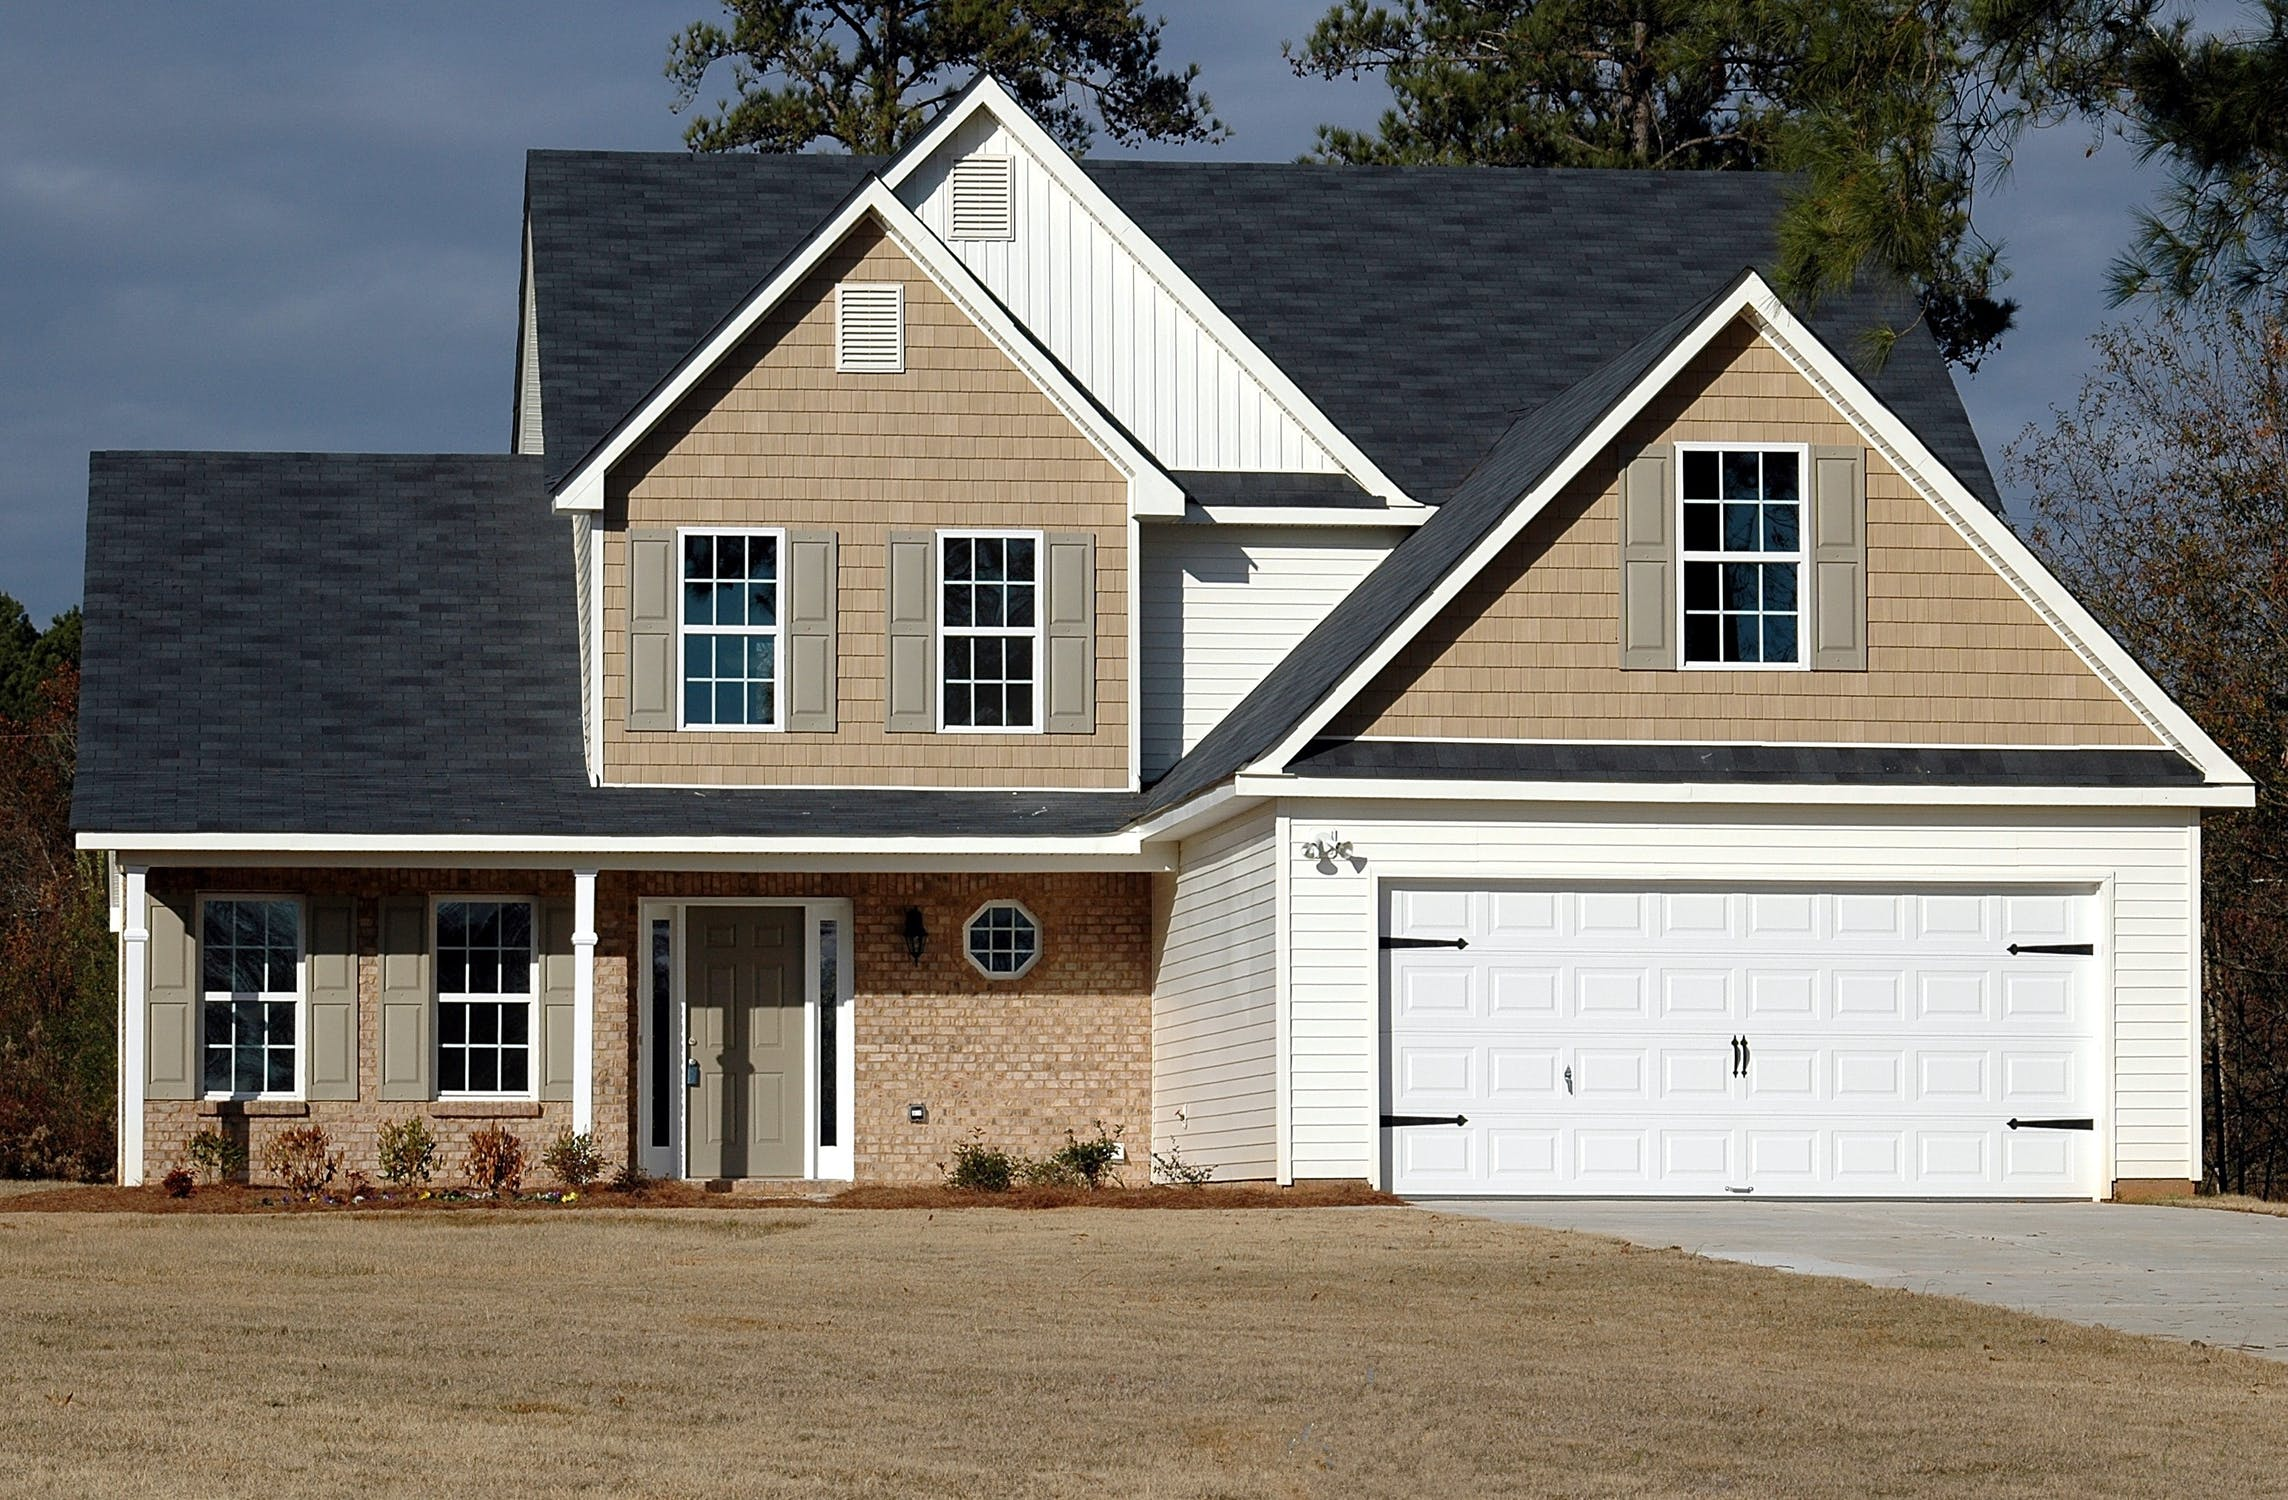 Hoe maak je een woning die te koop staat geschikt voor iedereen?